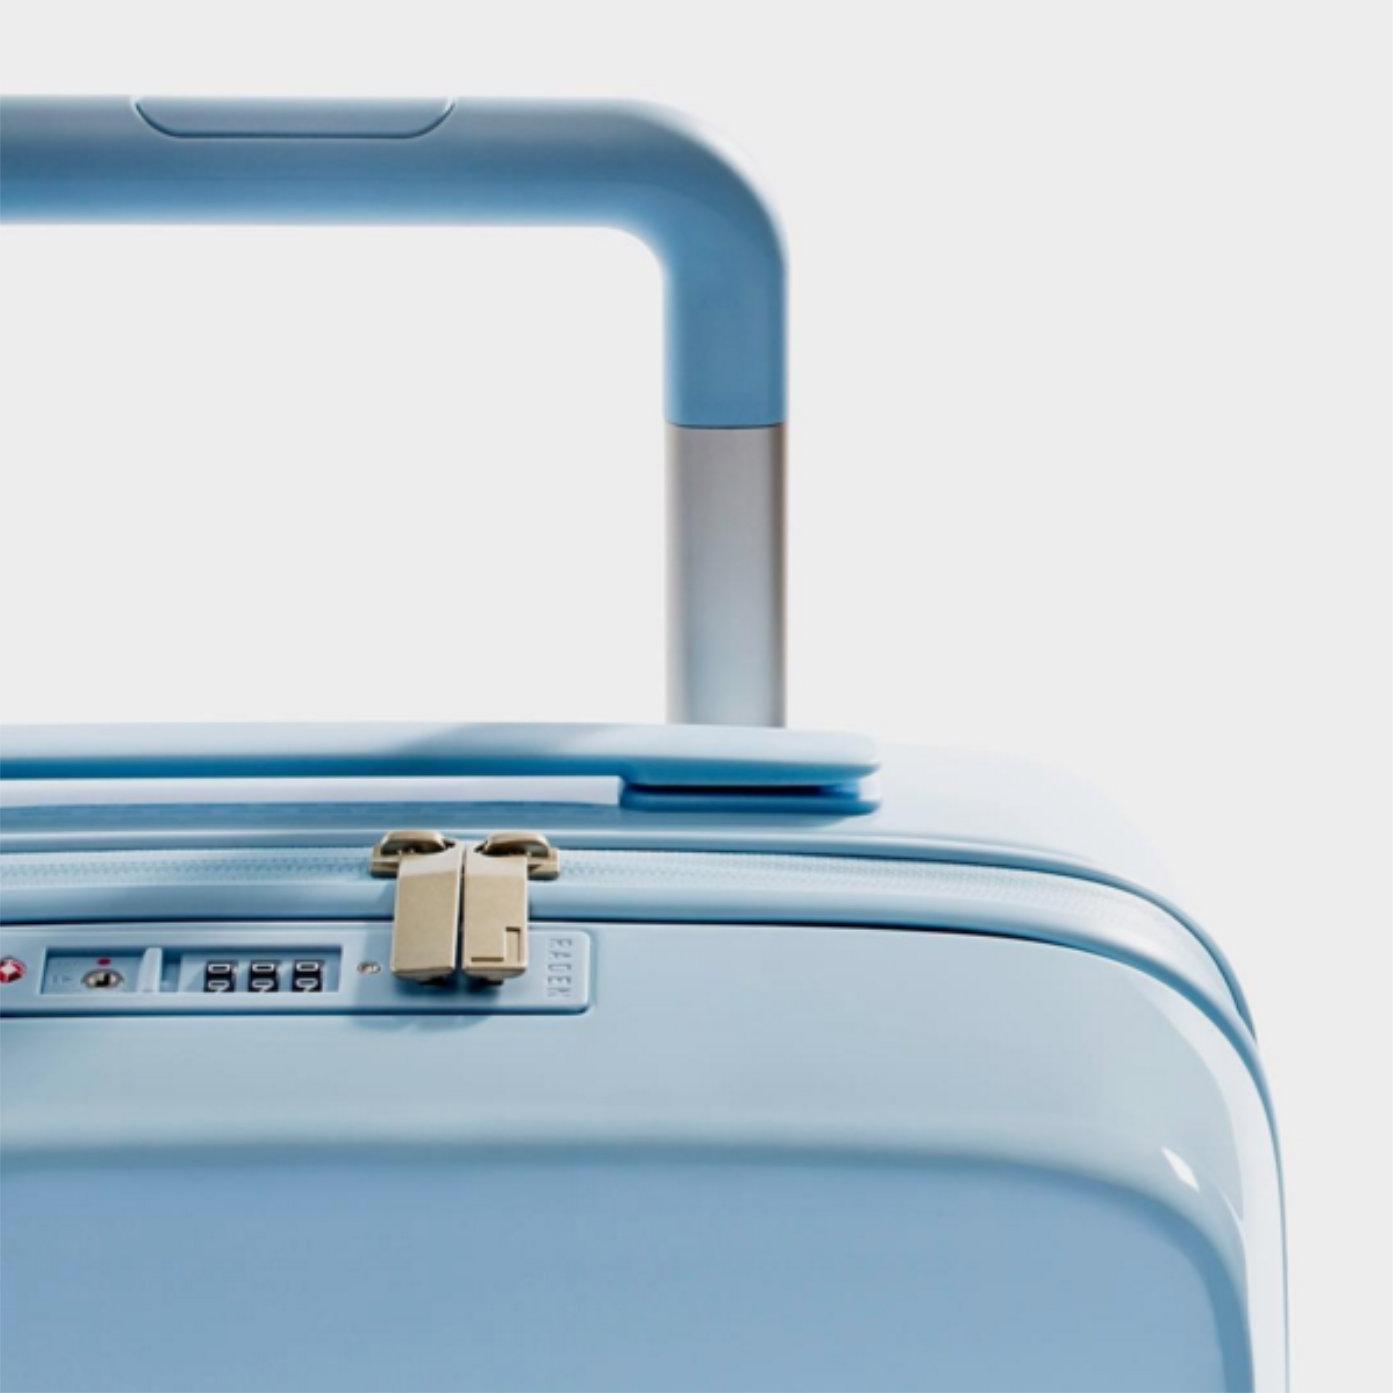 a22-carry-Light_Blue_Square.jpg